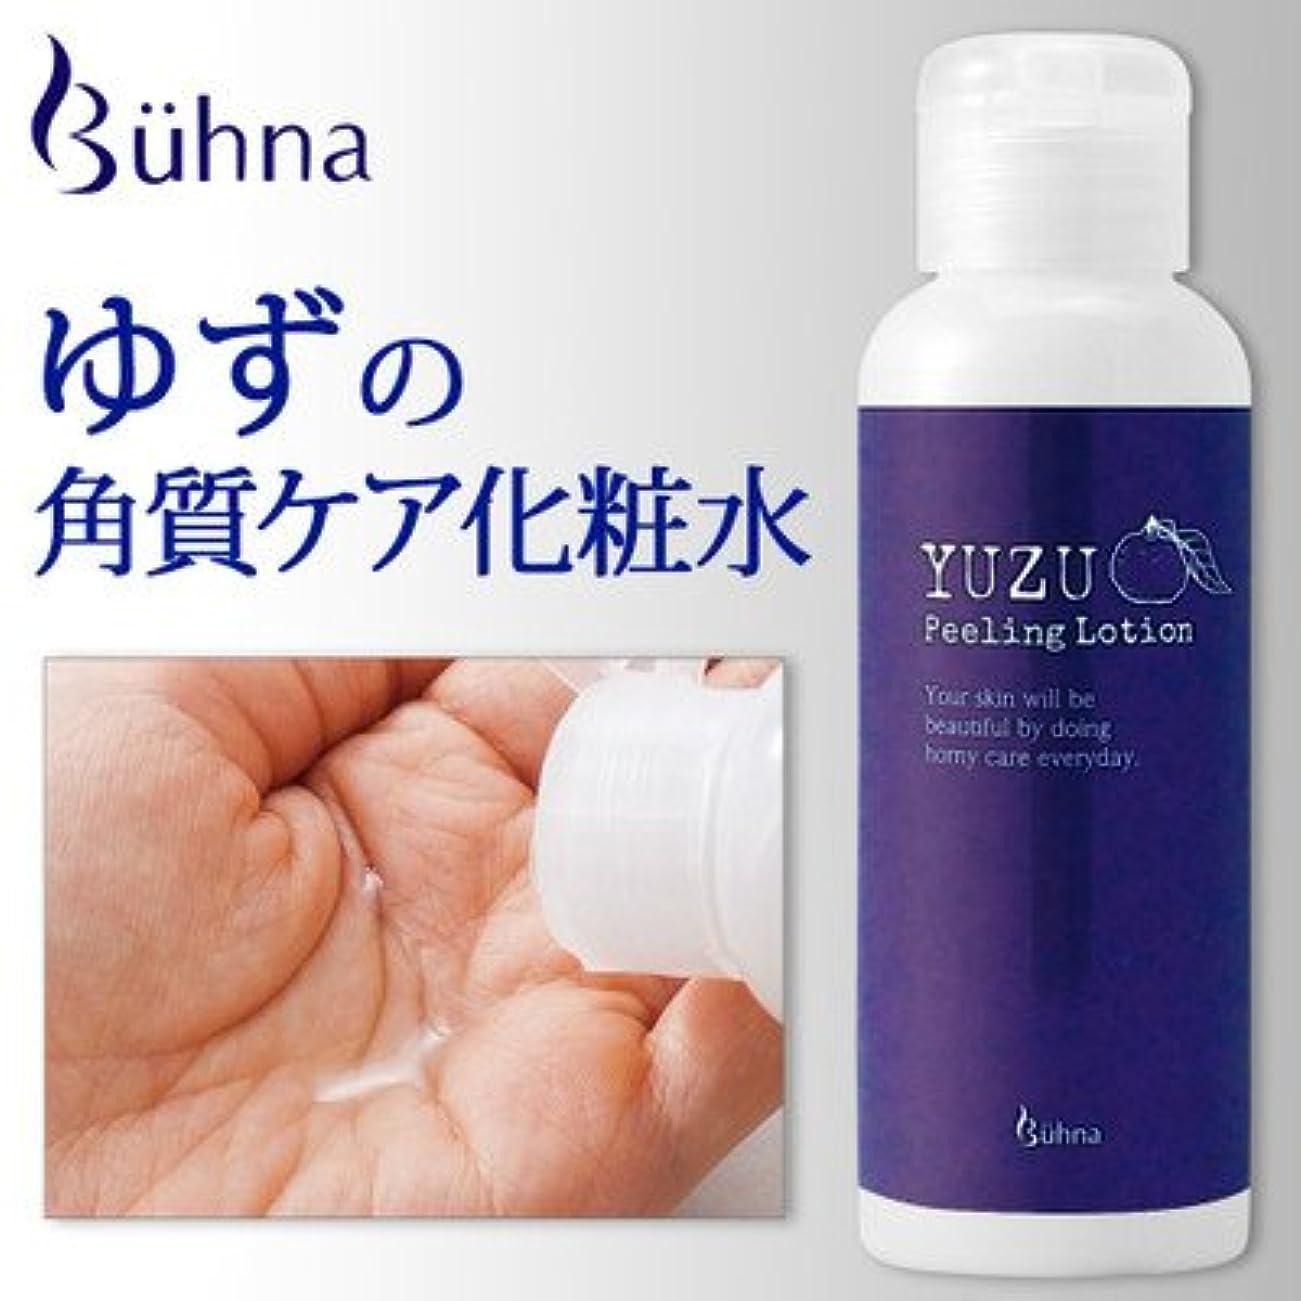 リムマウス活性化お肌にやさしい角質ケア ビューナ ゆずの角質ケア化粧水